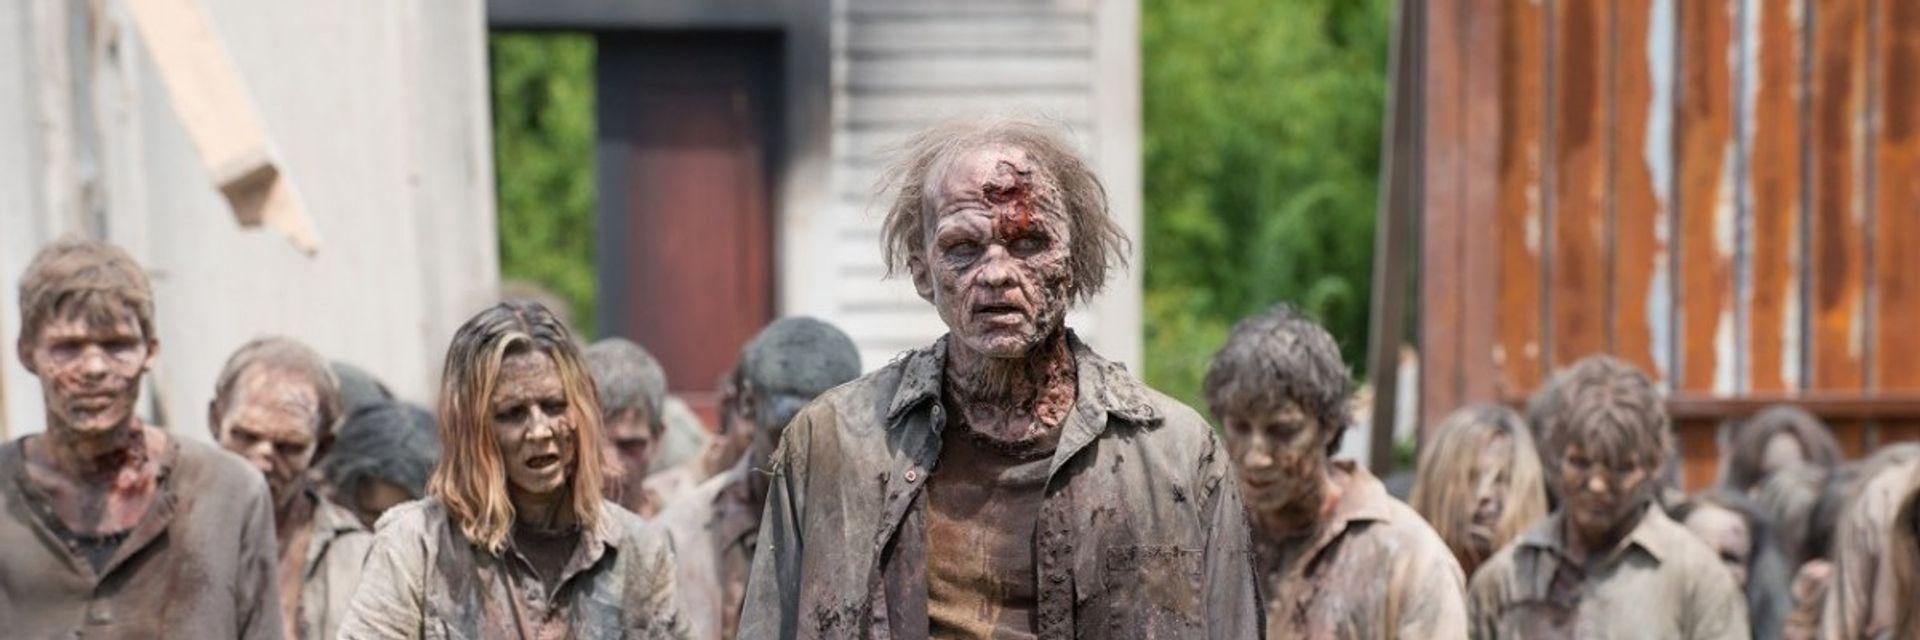 ANNONSE: Hvor troverdige er egentlig zombie-mytene?